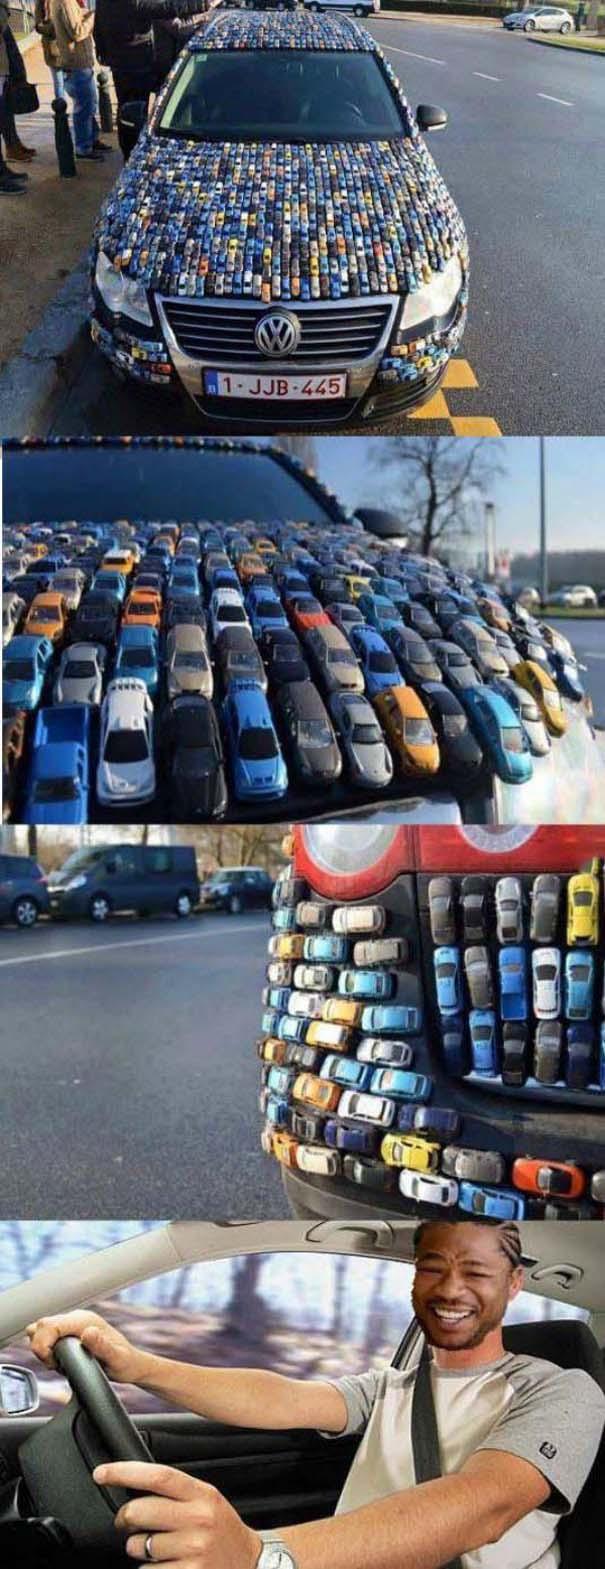 30 αυτοκίνητα που όμοια τους δεν υπάρχουν (13)